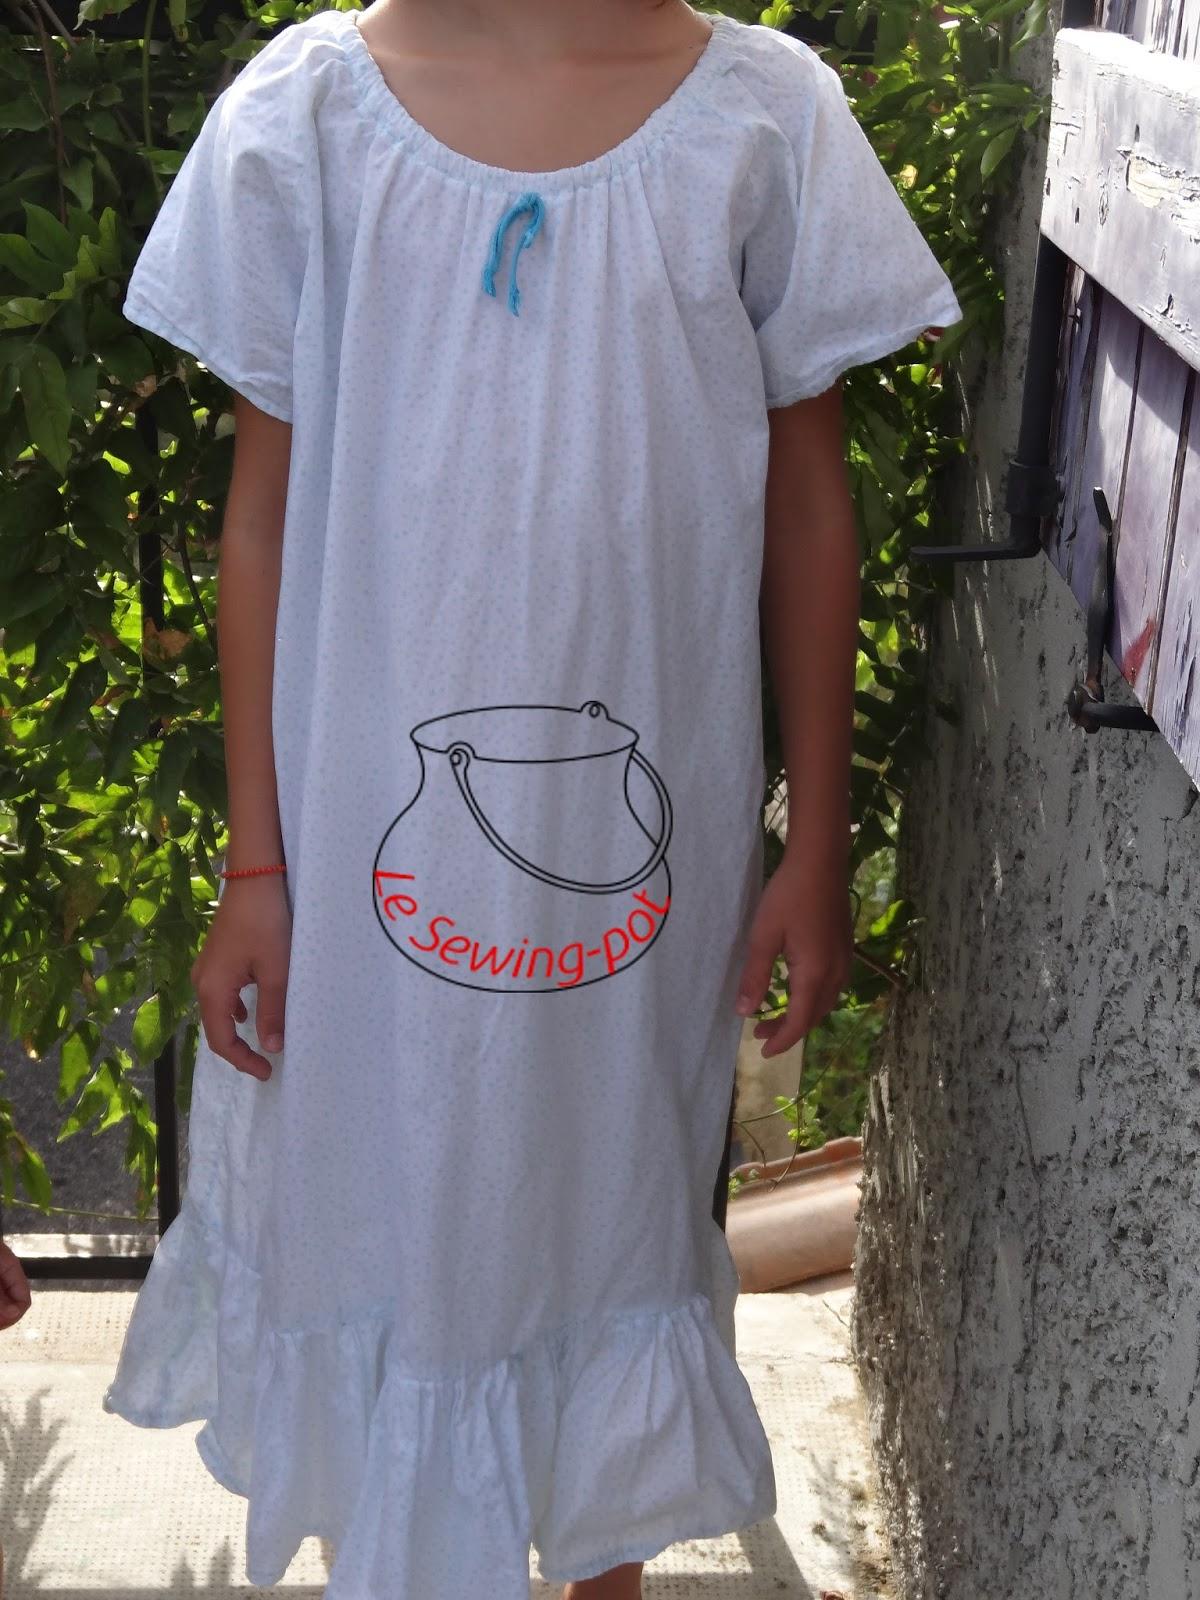 chemise de nuit été coton étoiles light nightgown for summertime